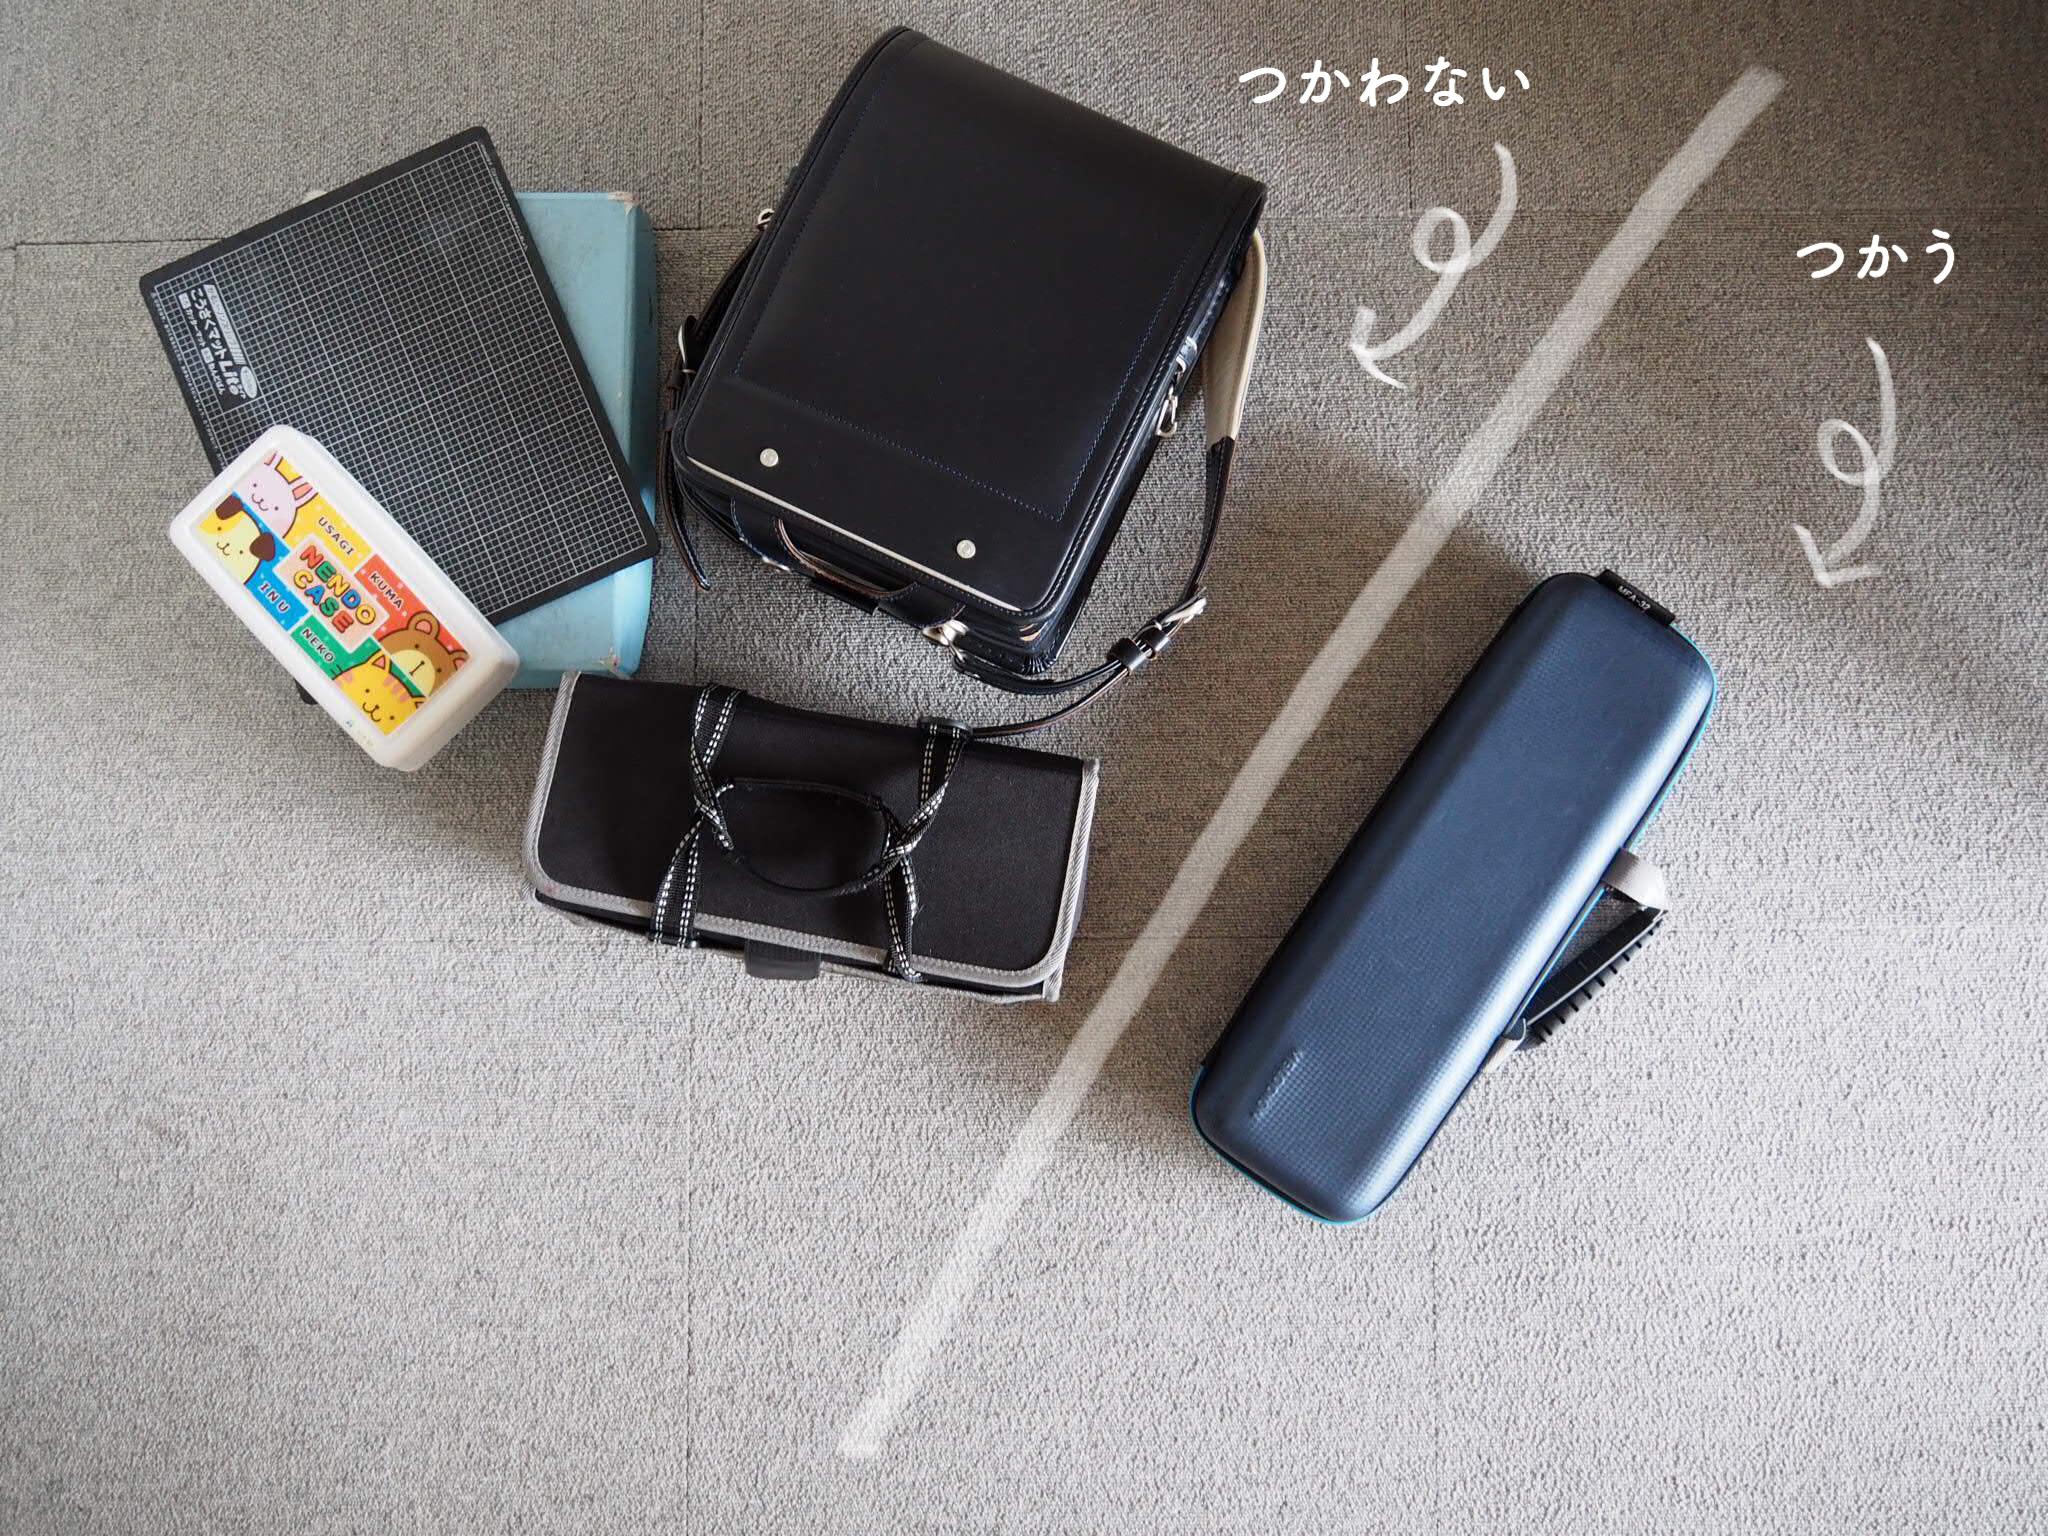 <小学生の夏休み>わが家の学用品の置き場はここ〜